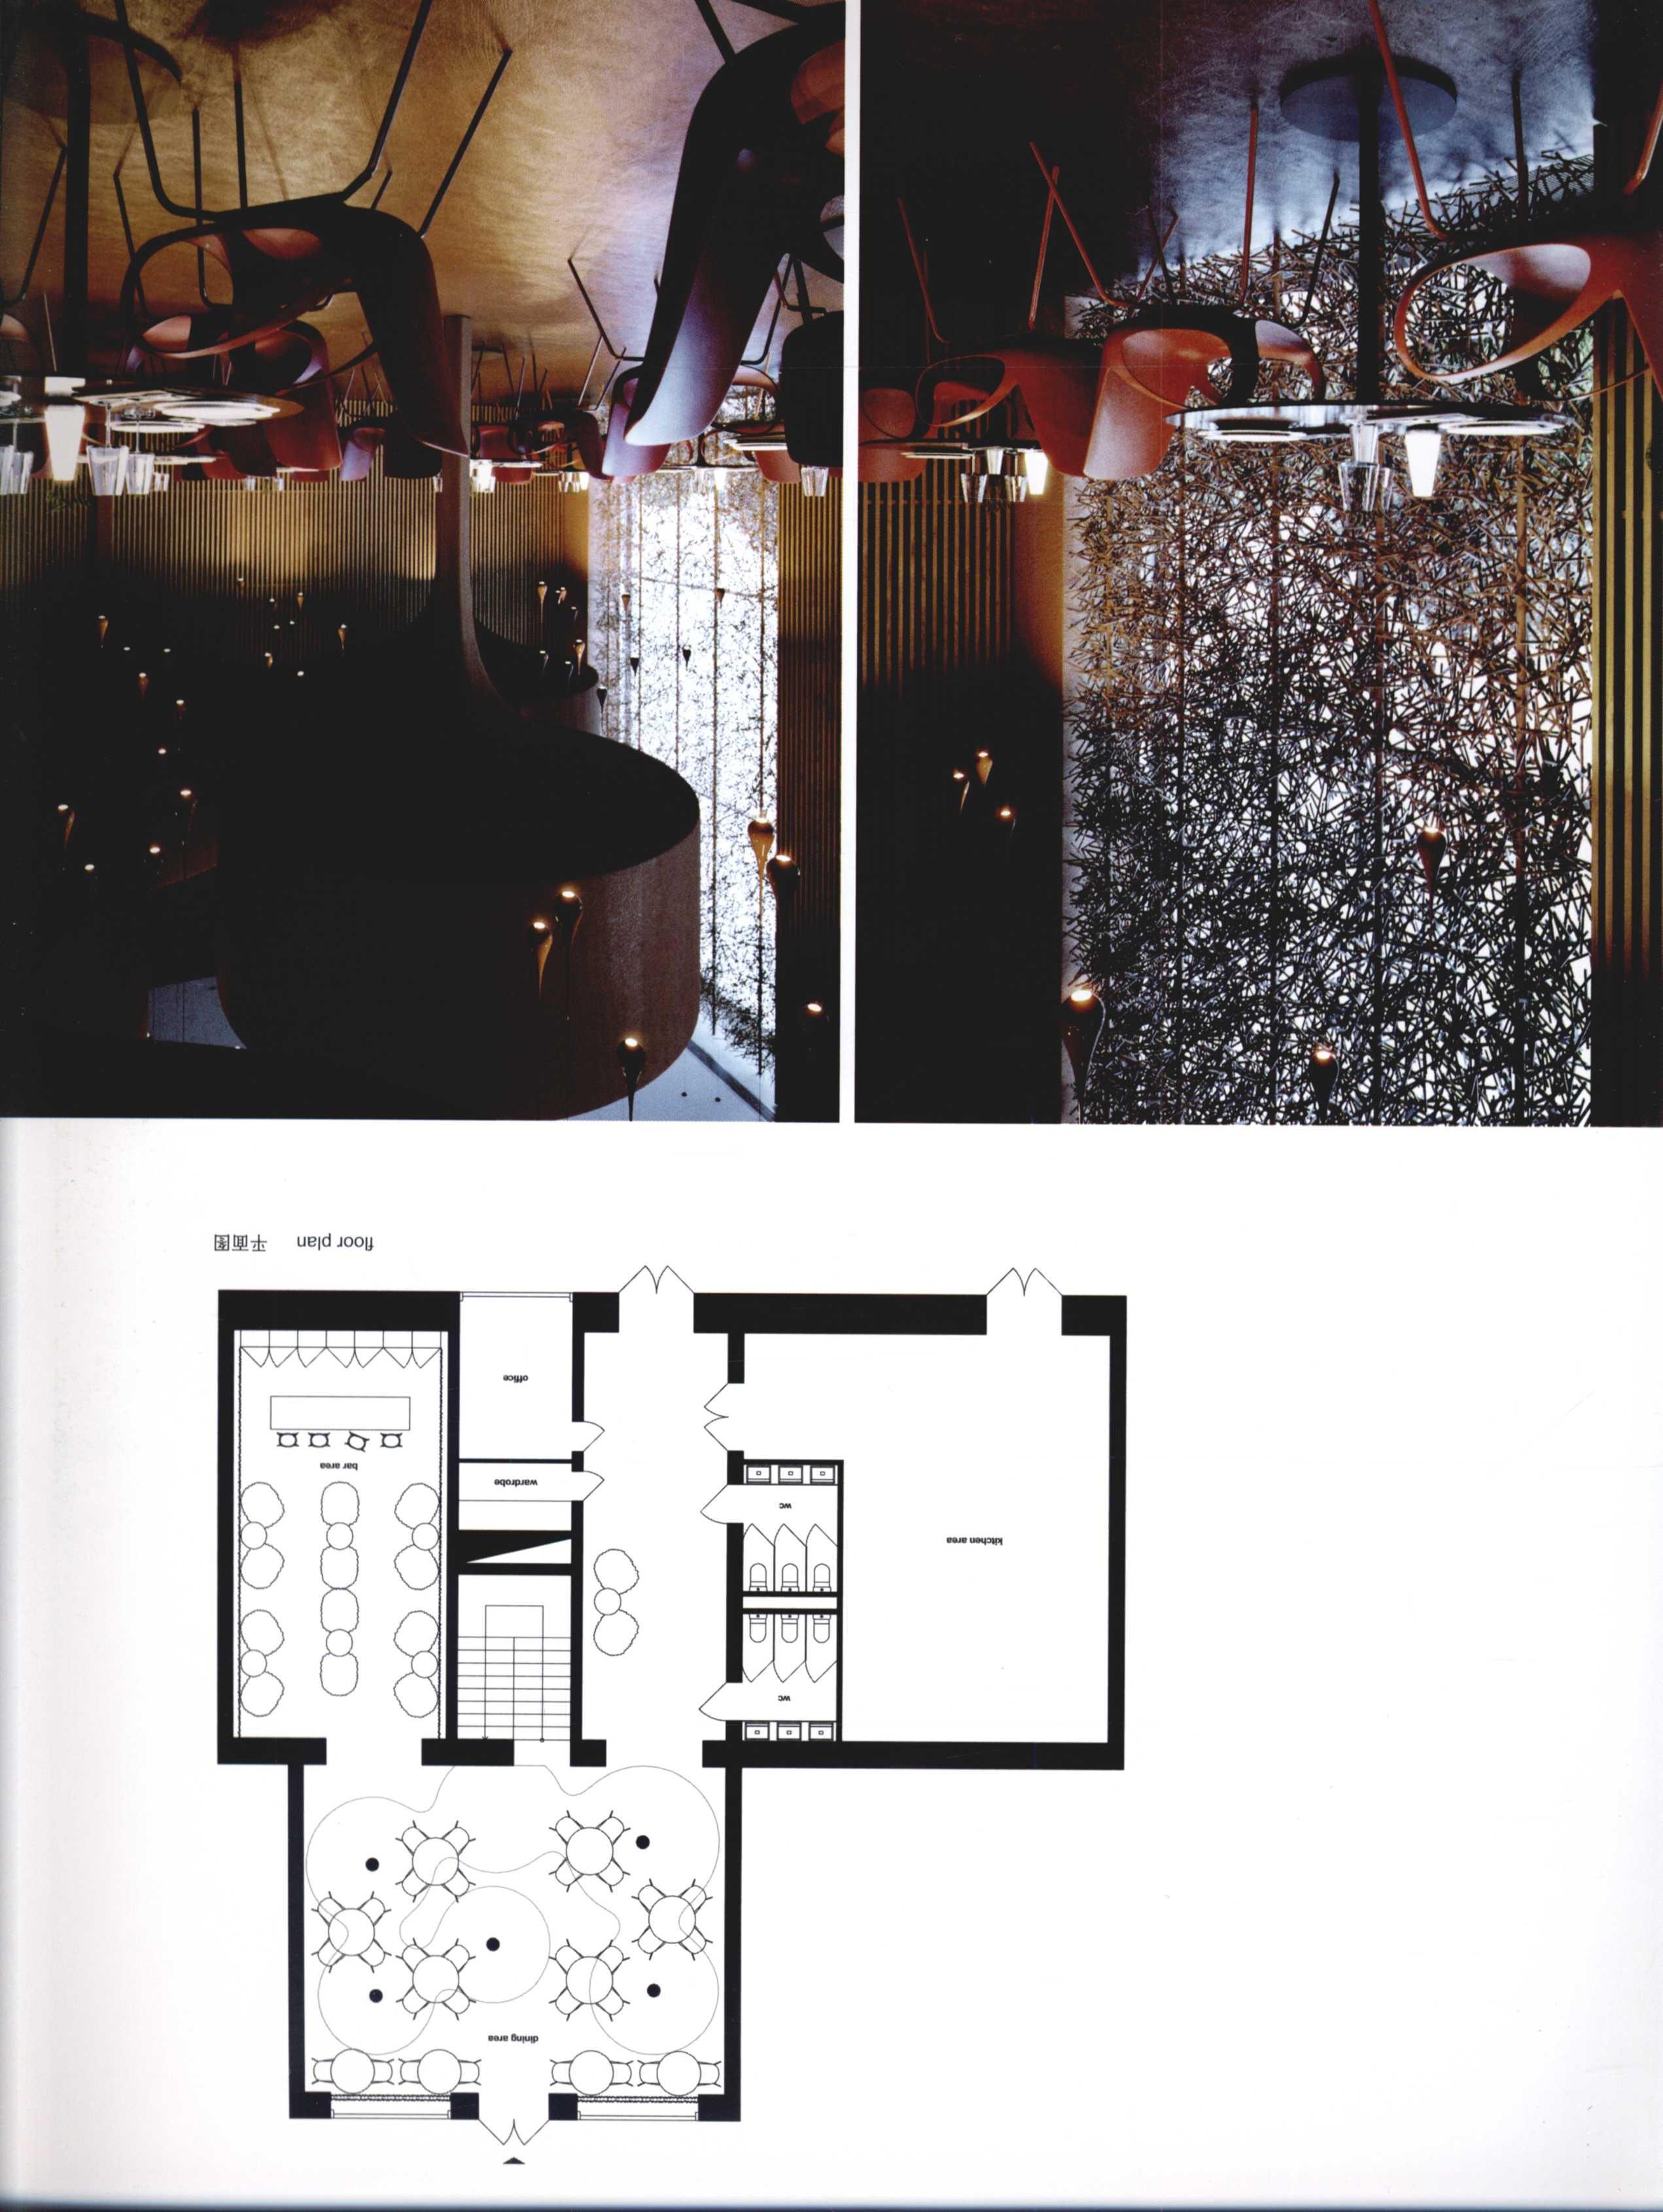 2012全球室内设计年鉴  餐饮_Page_158.jpg